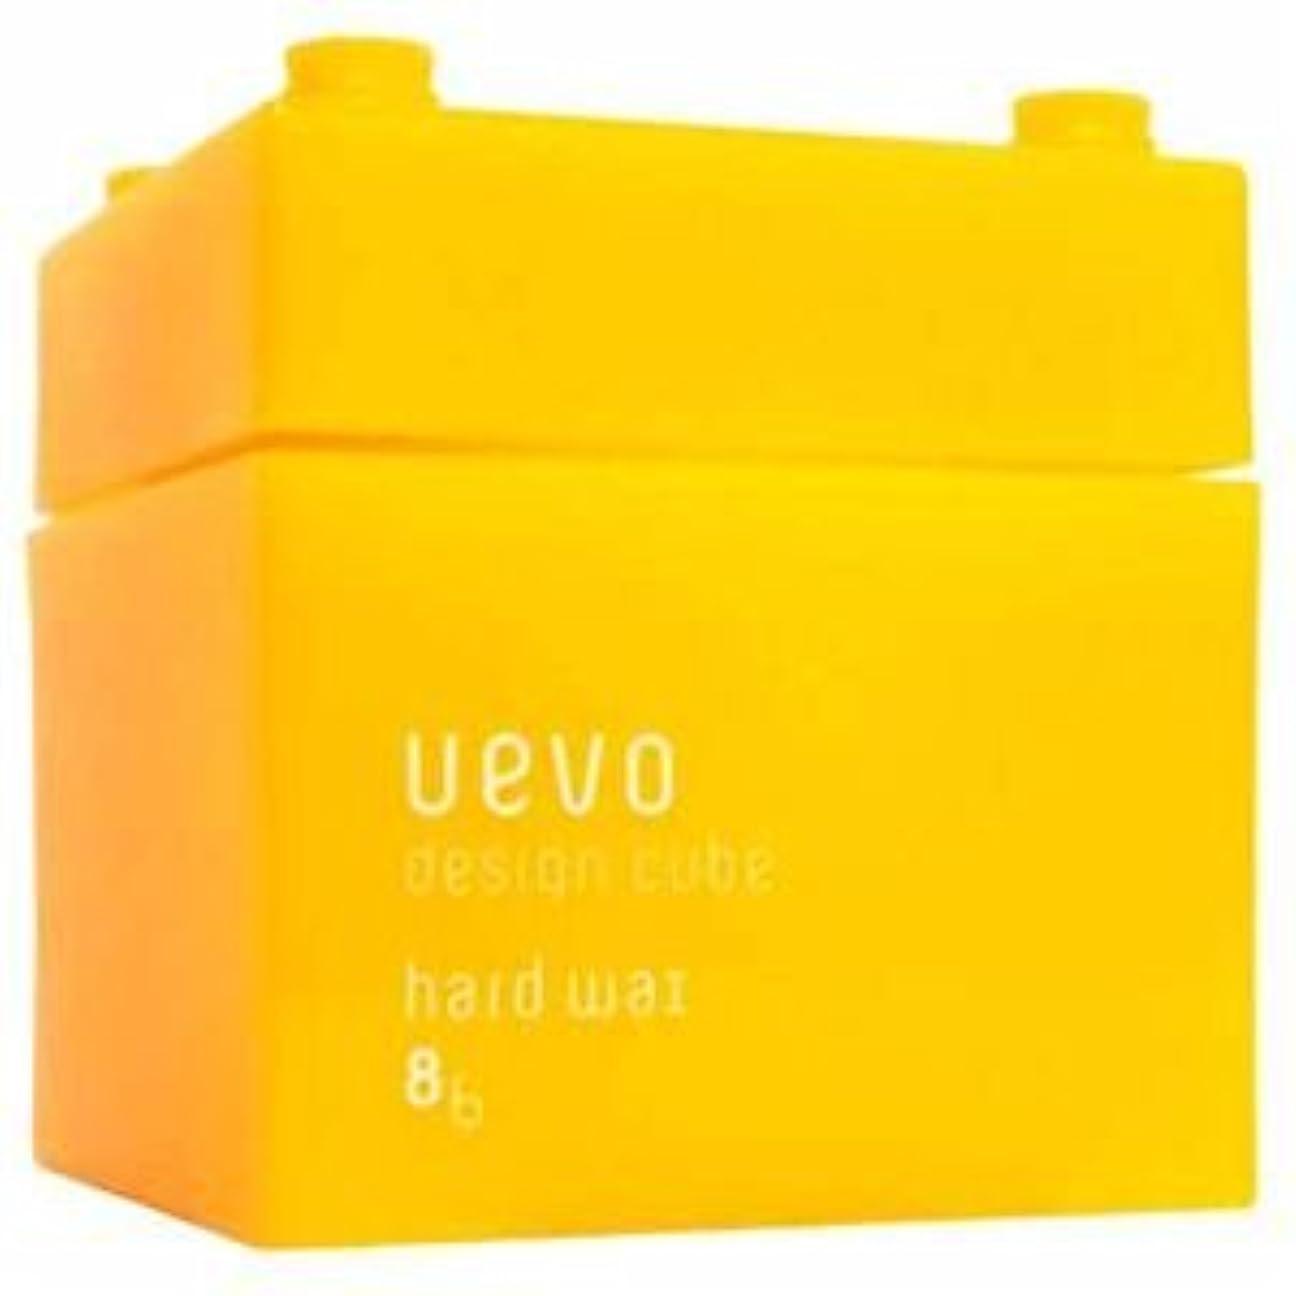 スーツケース法的いじめっ子デミ デザインキューブ ハードワックス 80g